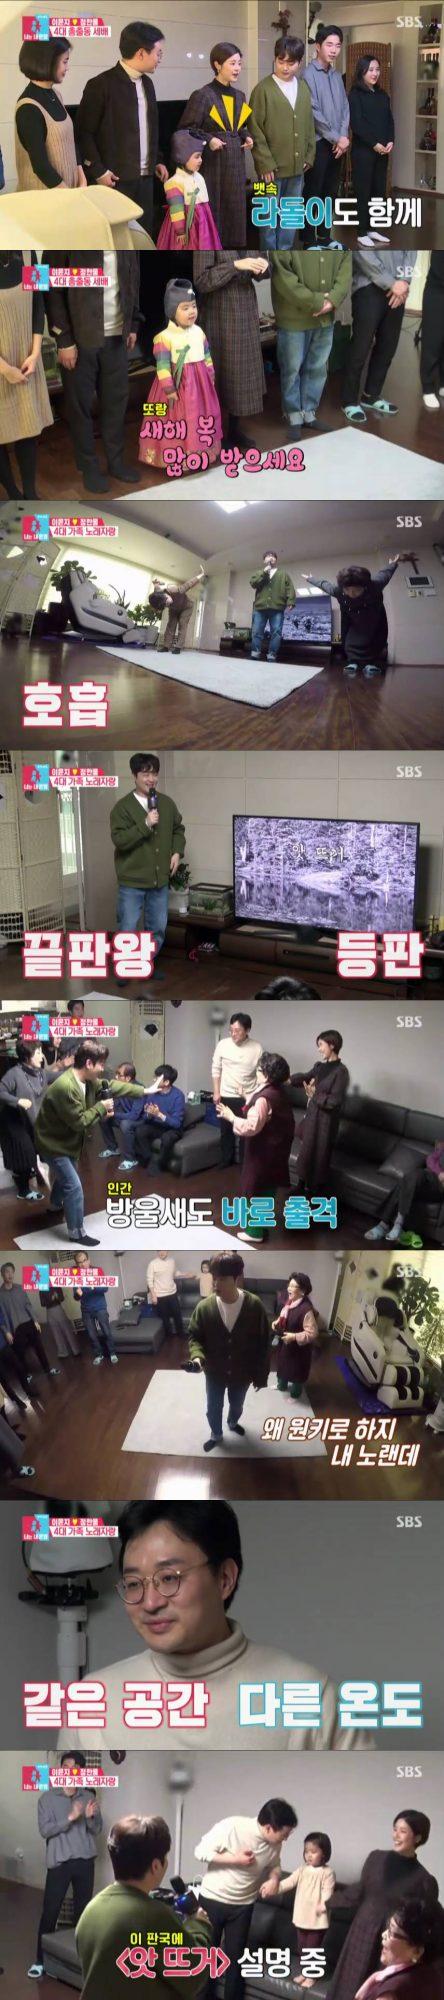 '동상이몽2' 이윤지·정한울 가족. /사진제공=SBS